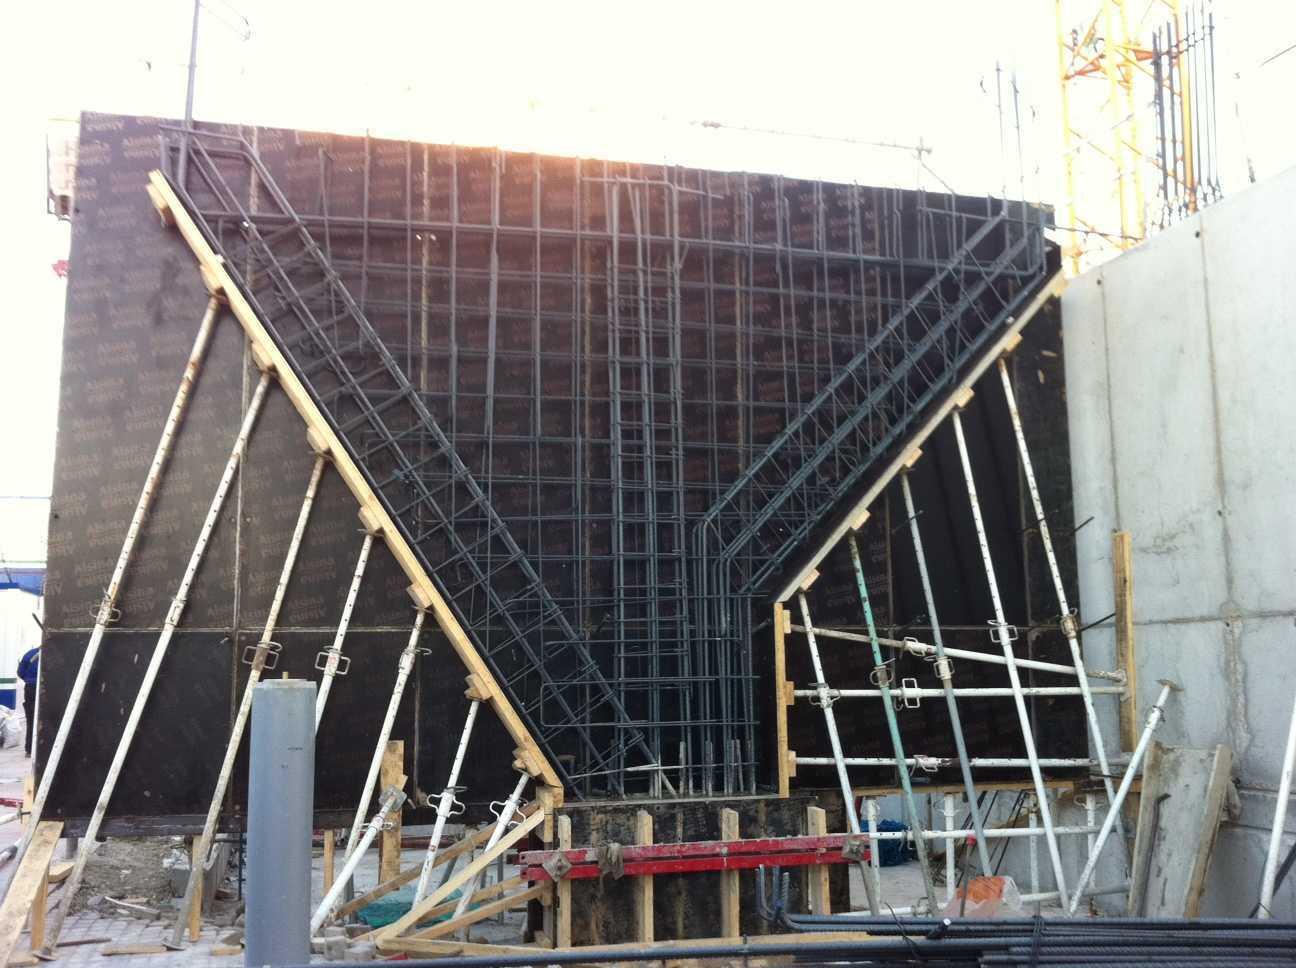 Bloque de 81 viviendas VPPL, garajes y local comercial en el Ensanche de Vallecas (Madrid)</br></br> 2012</br></br> <h4>Cliente:Carme Pinós y Pedro Morales</h4>